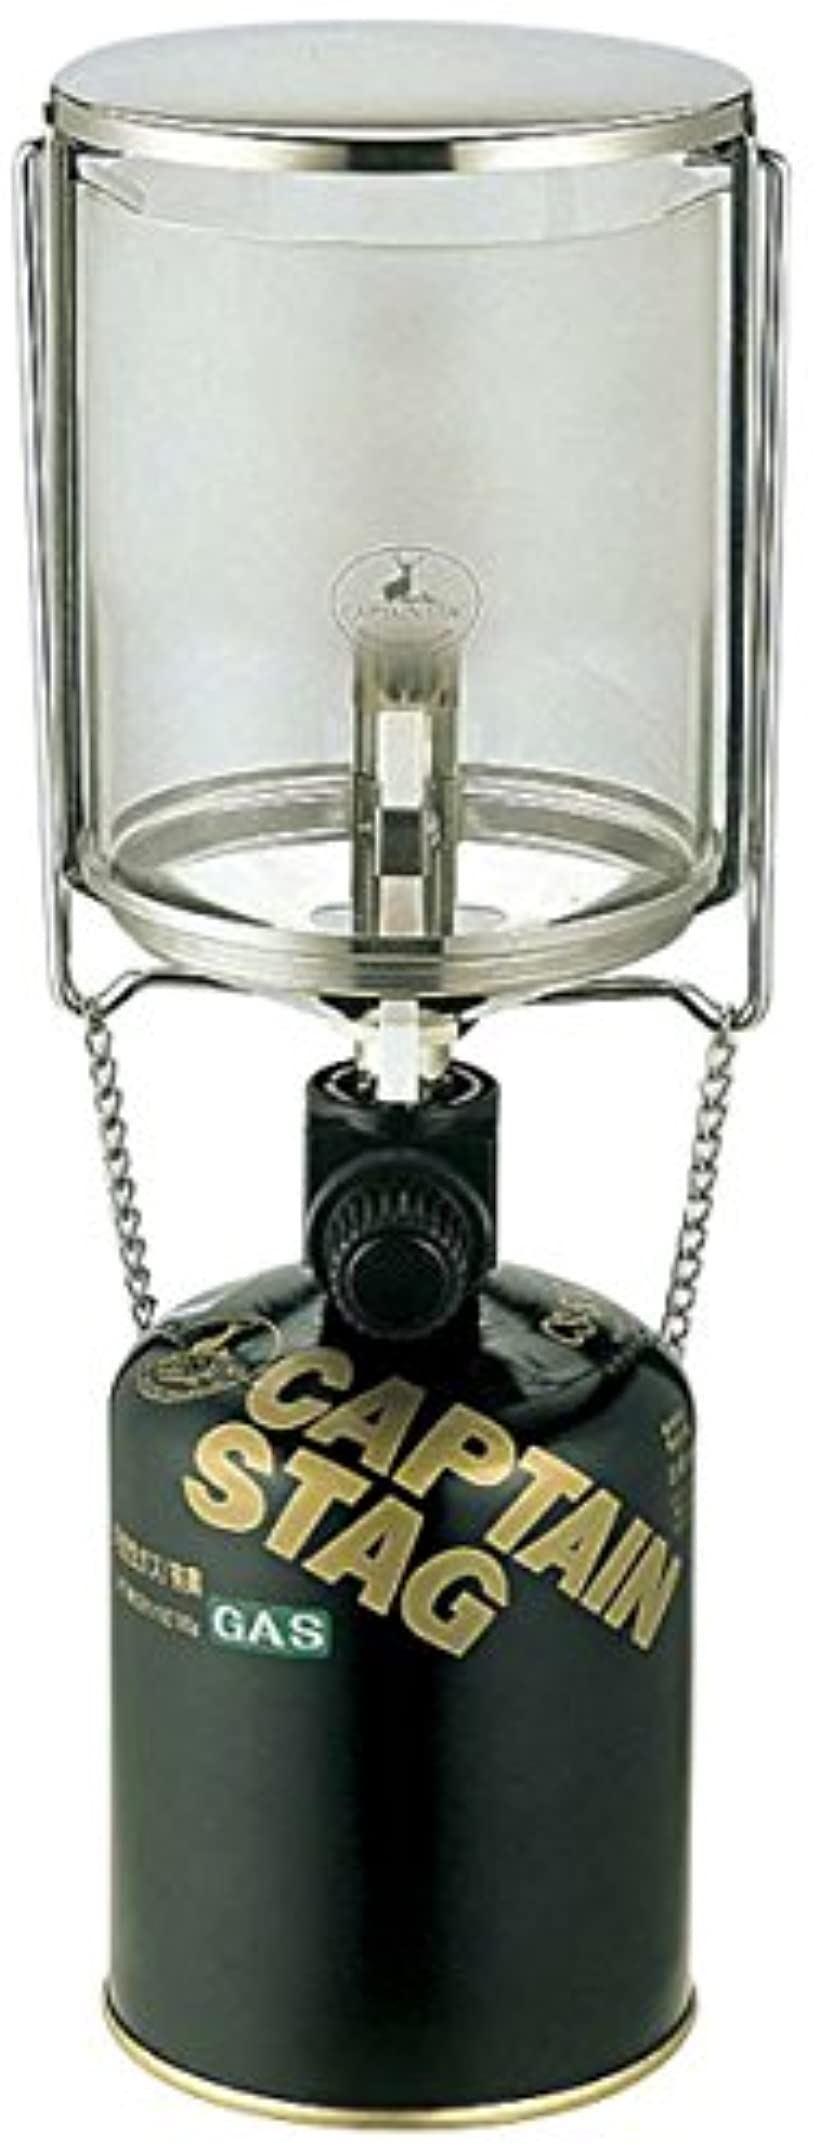 キャンプ 防災用 ガス ランタン ライト 照明 フィールド L 圧電点火装置付UF-8[UF-8]